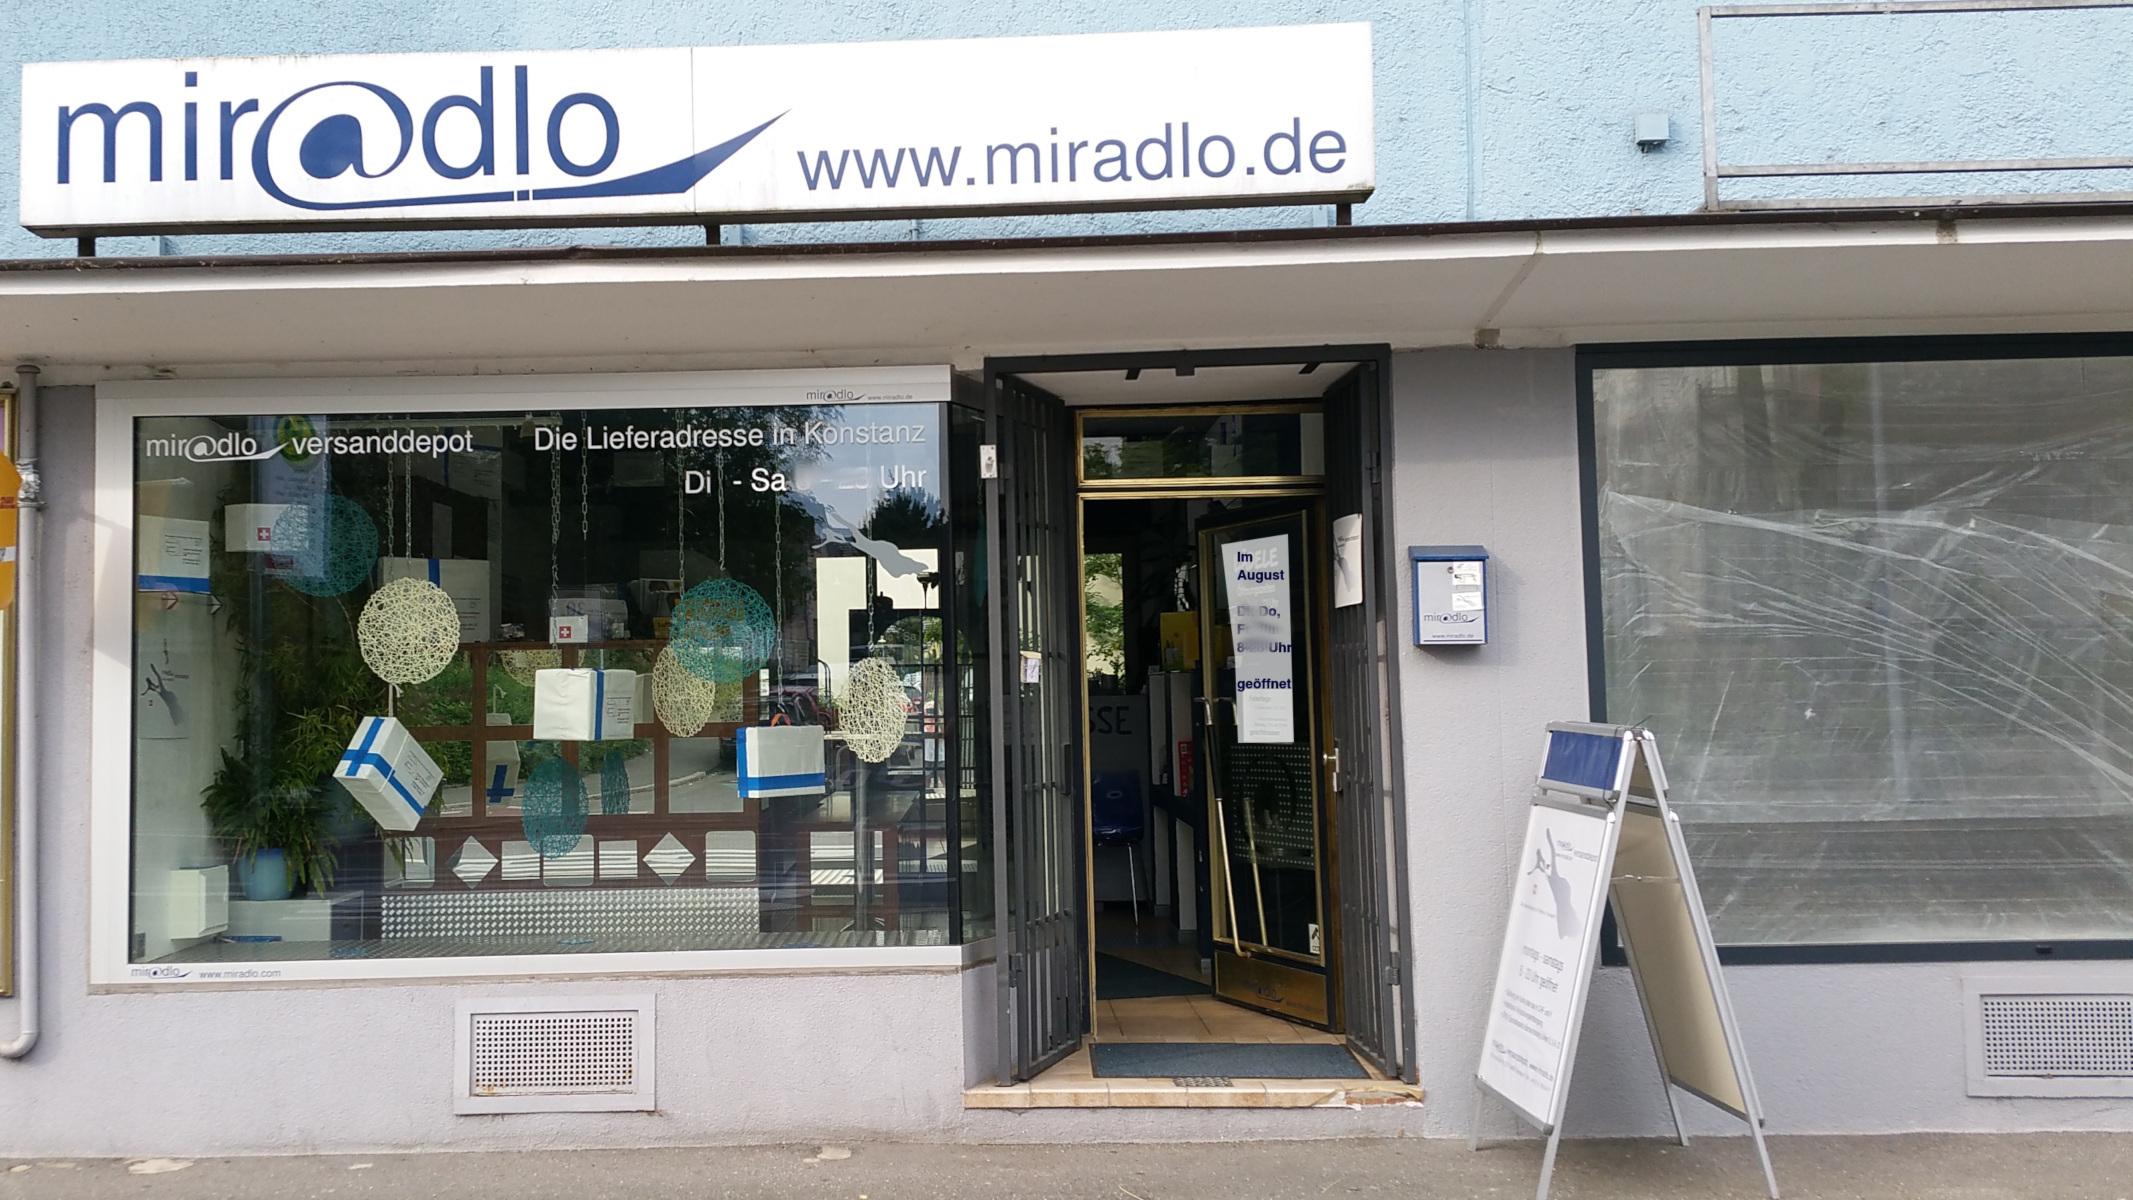 Sommeröffnungszeiten 2017 - im August montags und mittwochs geschlossen - Schaufenster miradlo Versanddepot